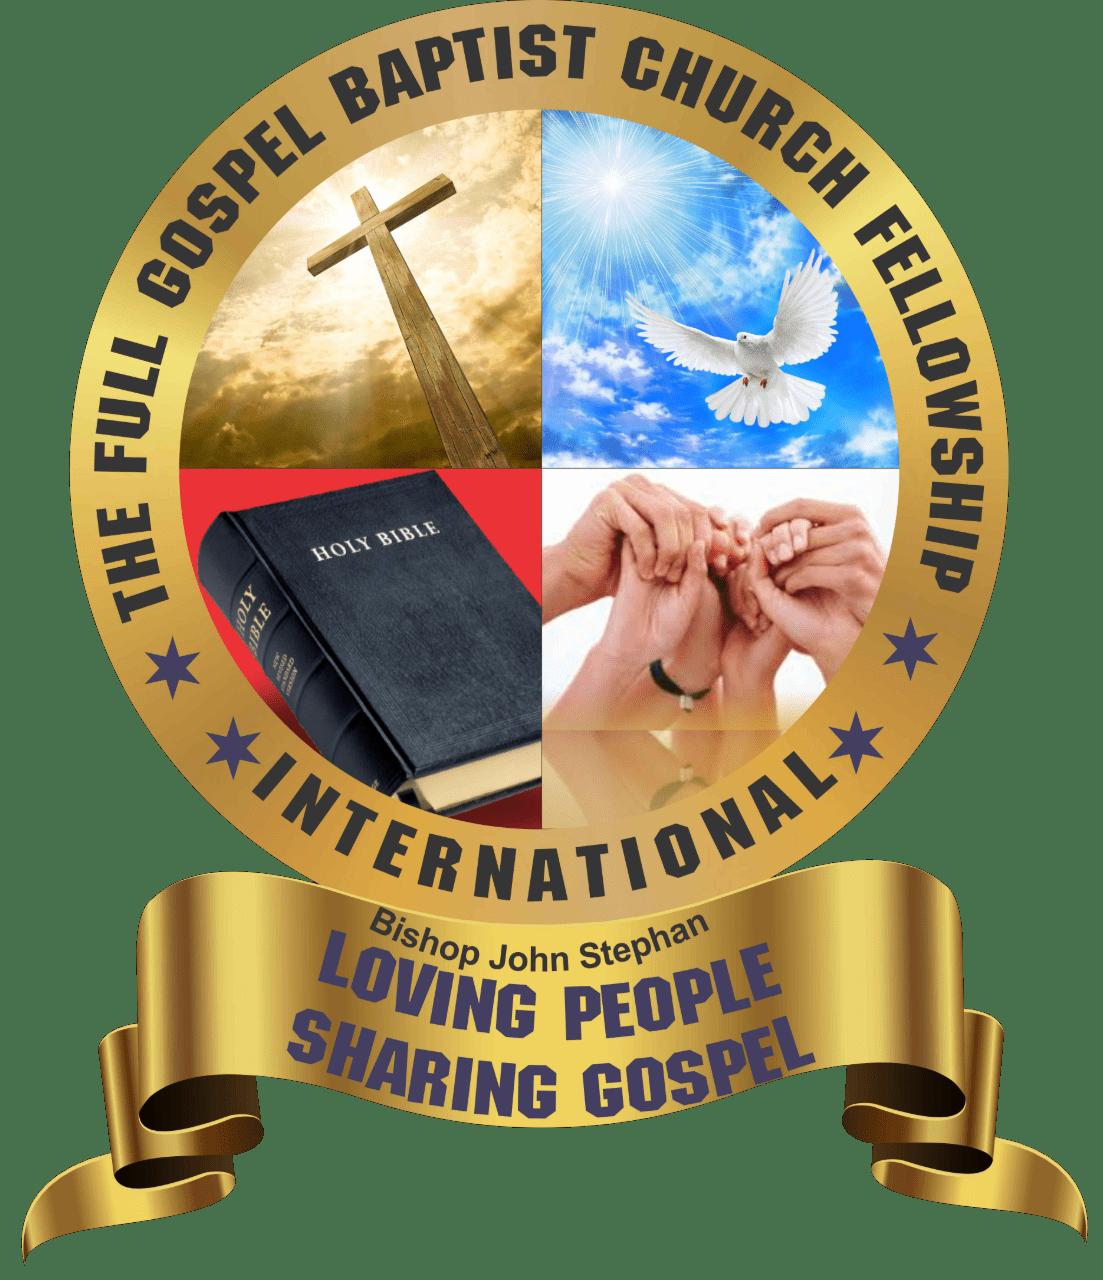 The Full Gospel Baptist Church Fellowship